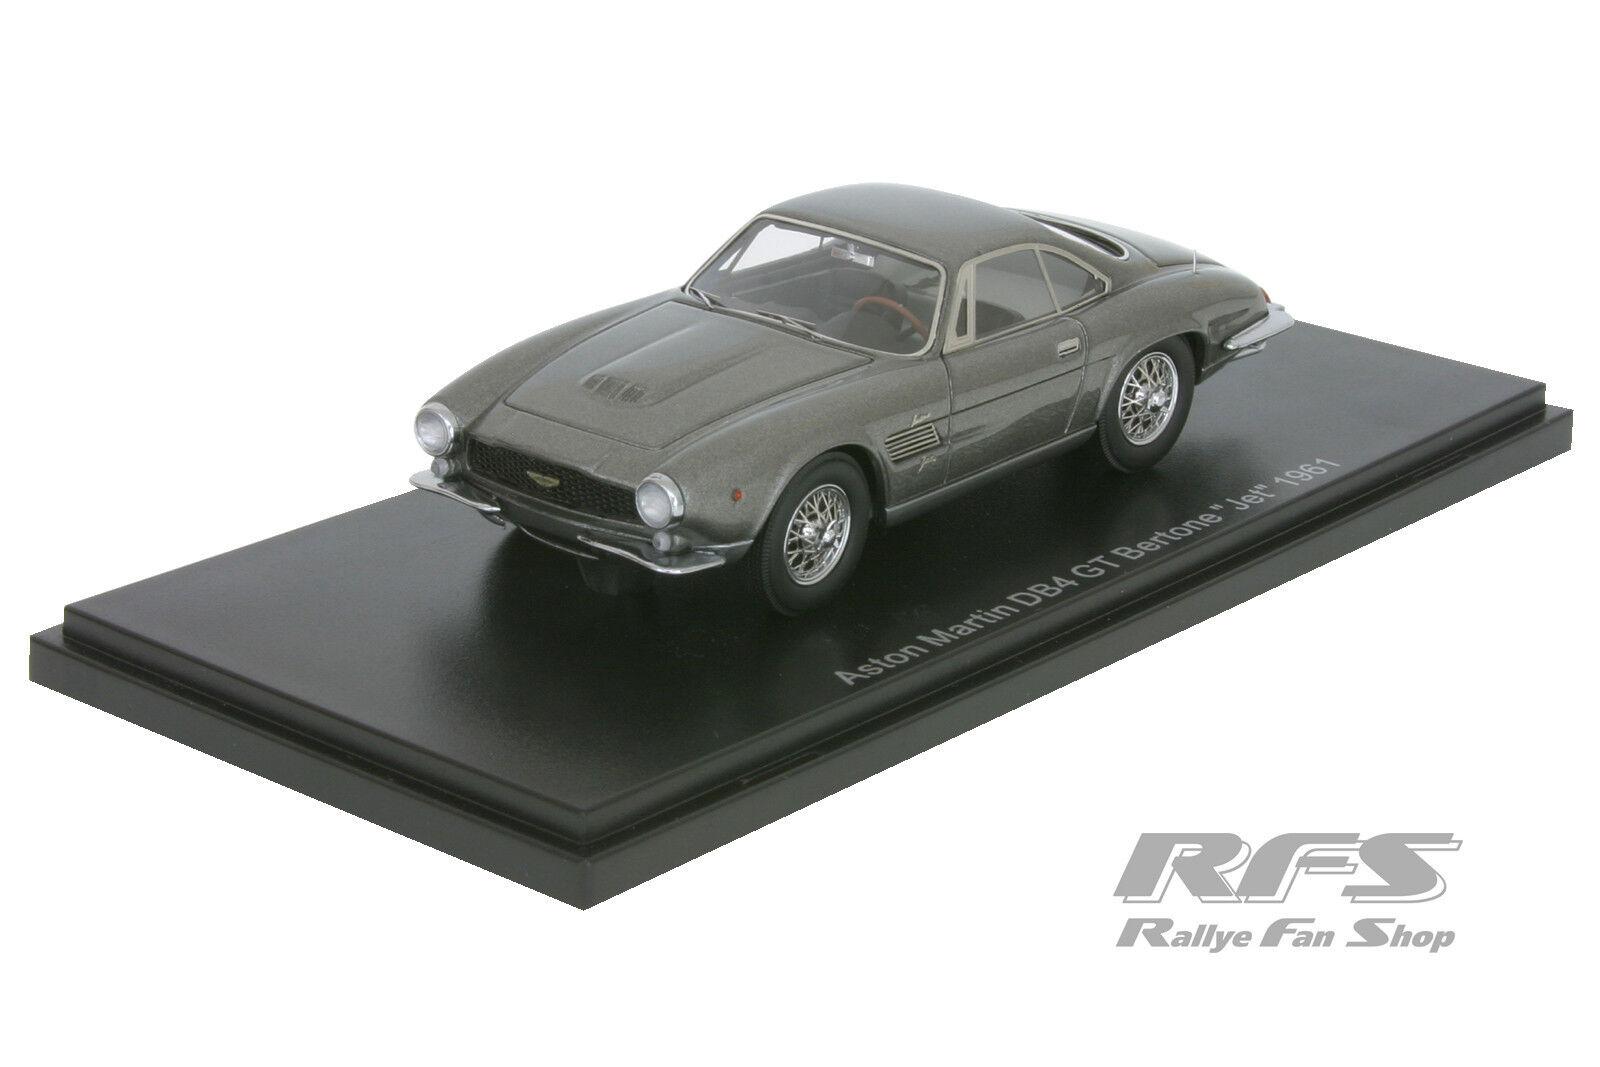 Aston Martin db4 GT Bertone Jet-Gris Metallic-année 1961 - 1:43 Neo 44575 | Modèles à La Mode  | Luxuriante Dans La Conception  | Pas Chers  | Conception Habile